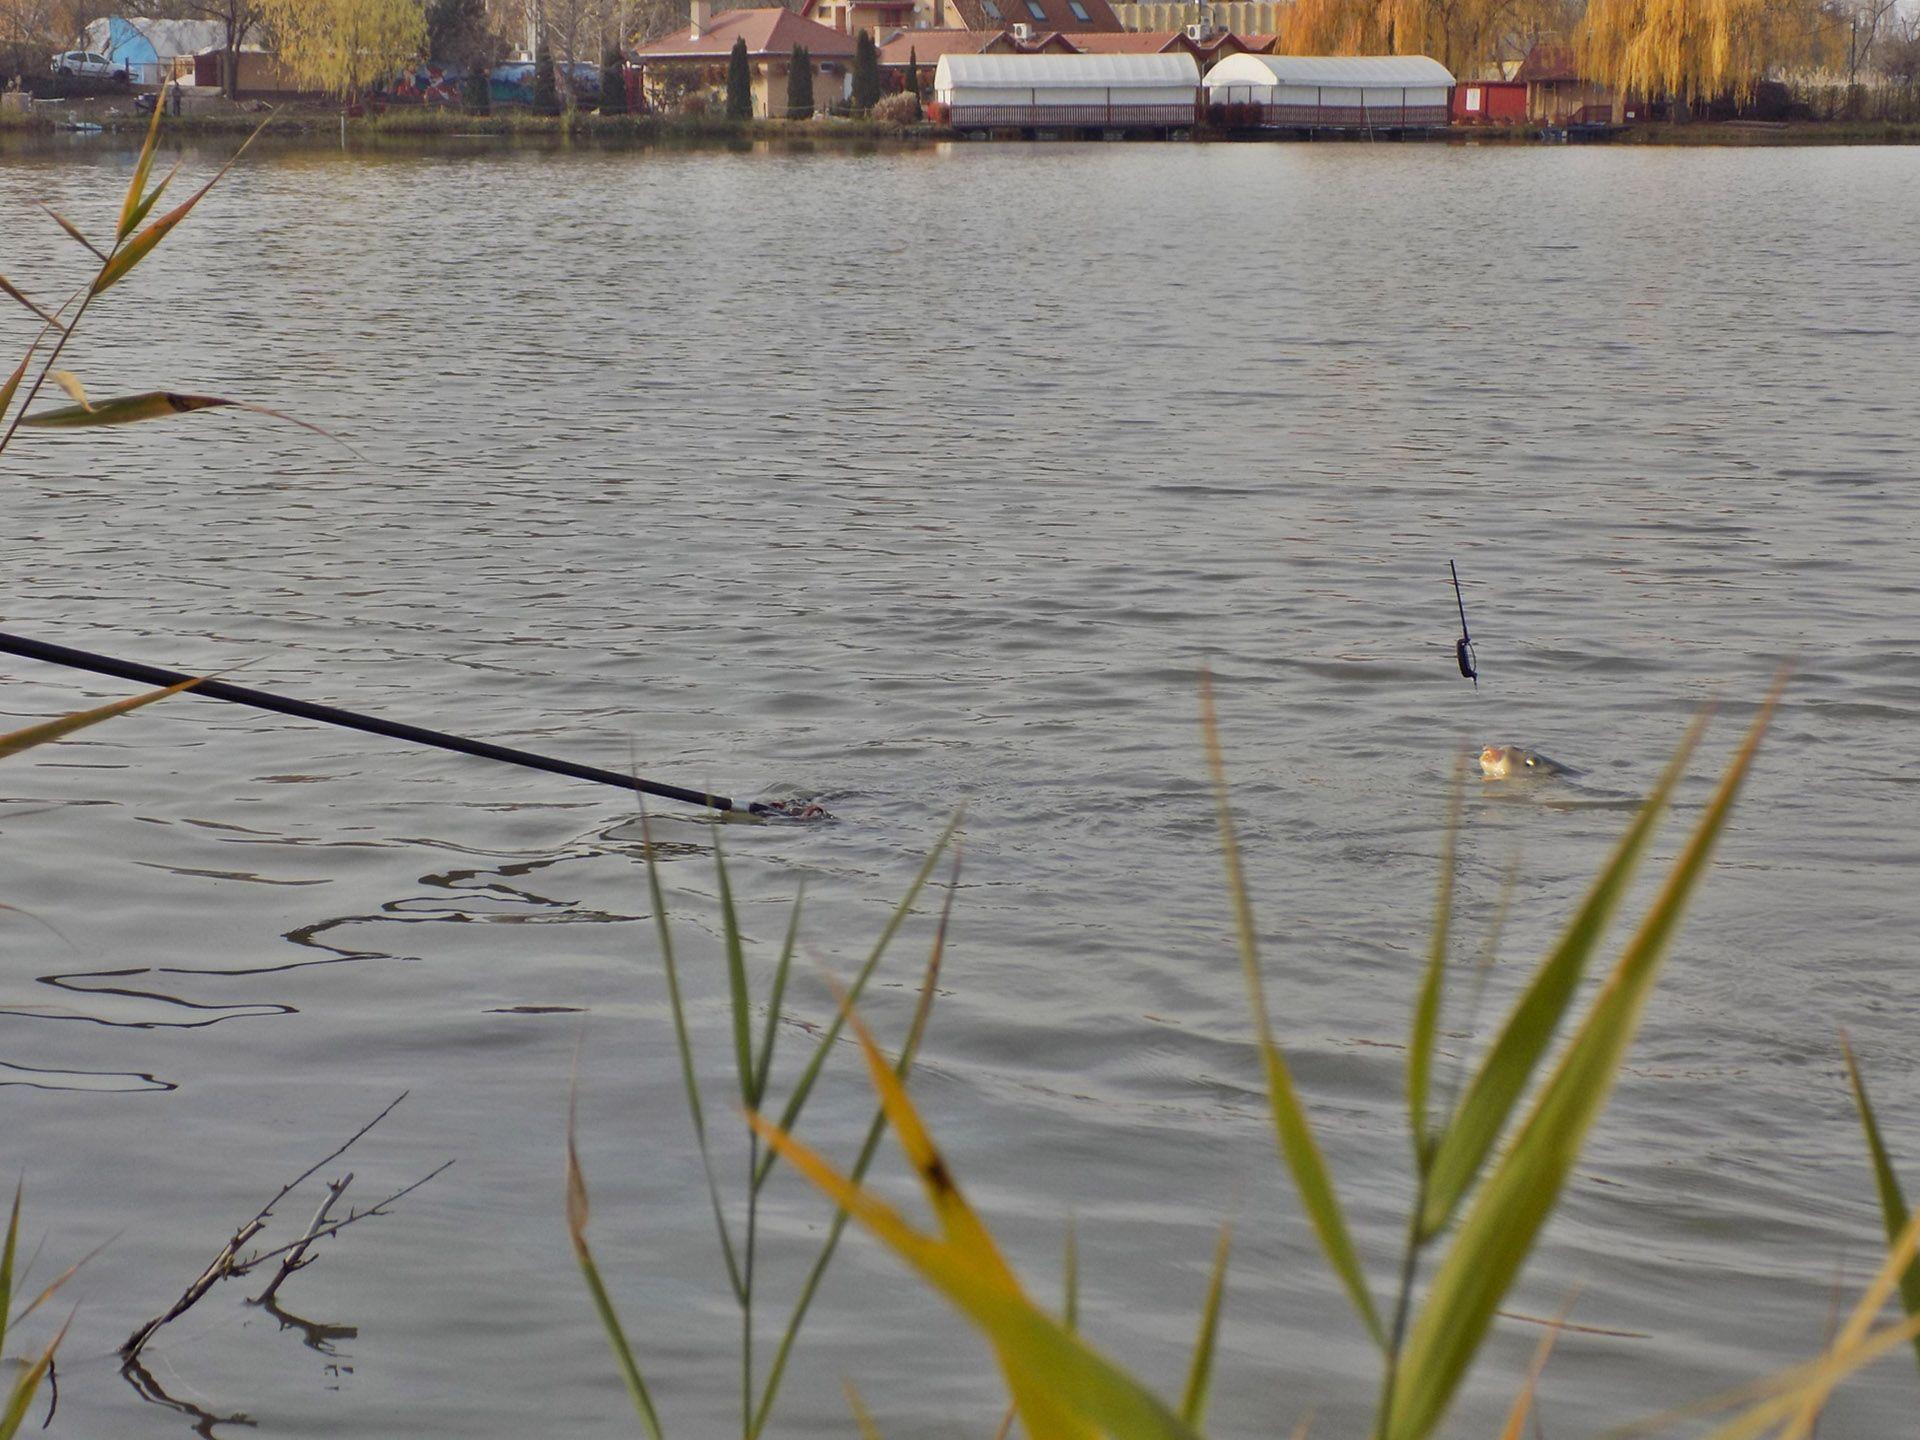 … gyorsan a szák közelébe terelhetőek! Mindezt teszik úgy, hogy komoly élményekkel halmozzák el a horgászt!